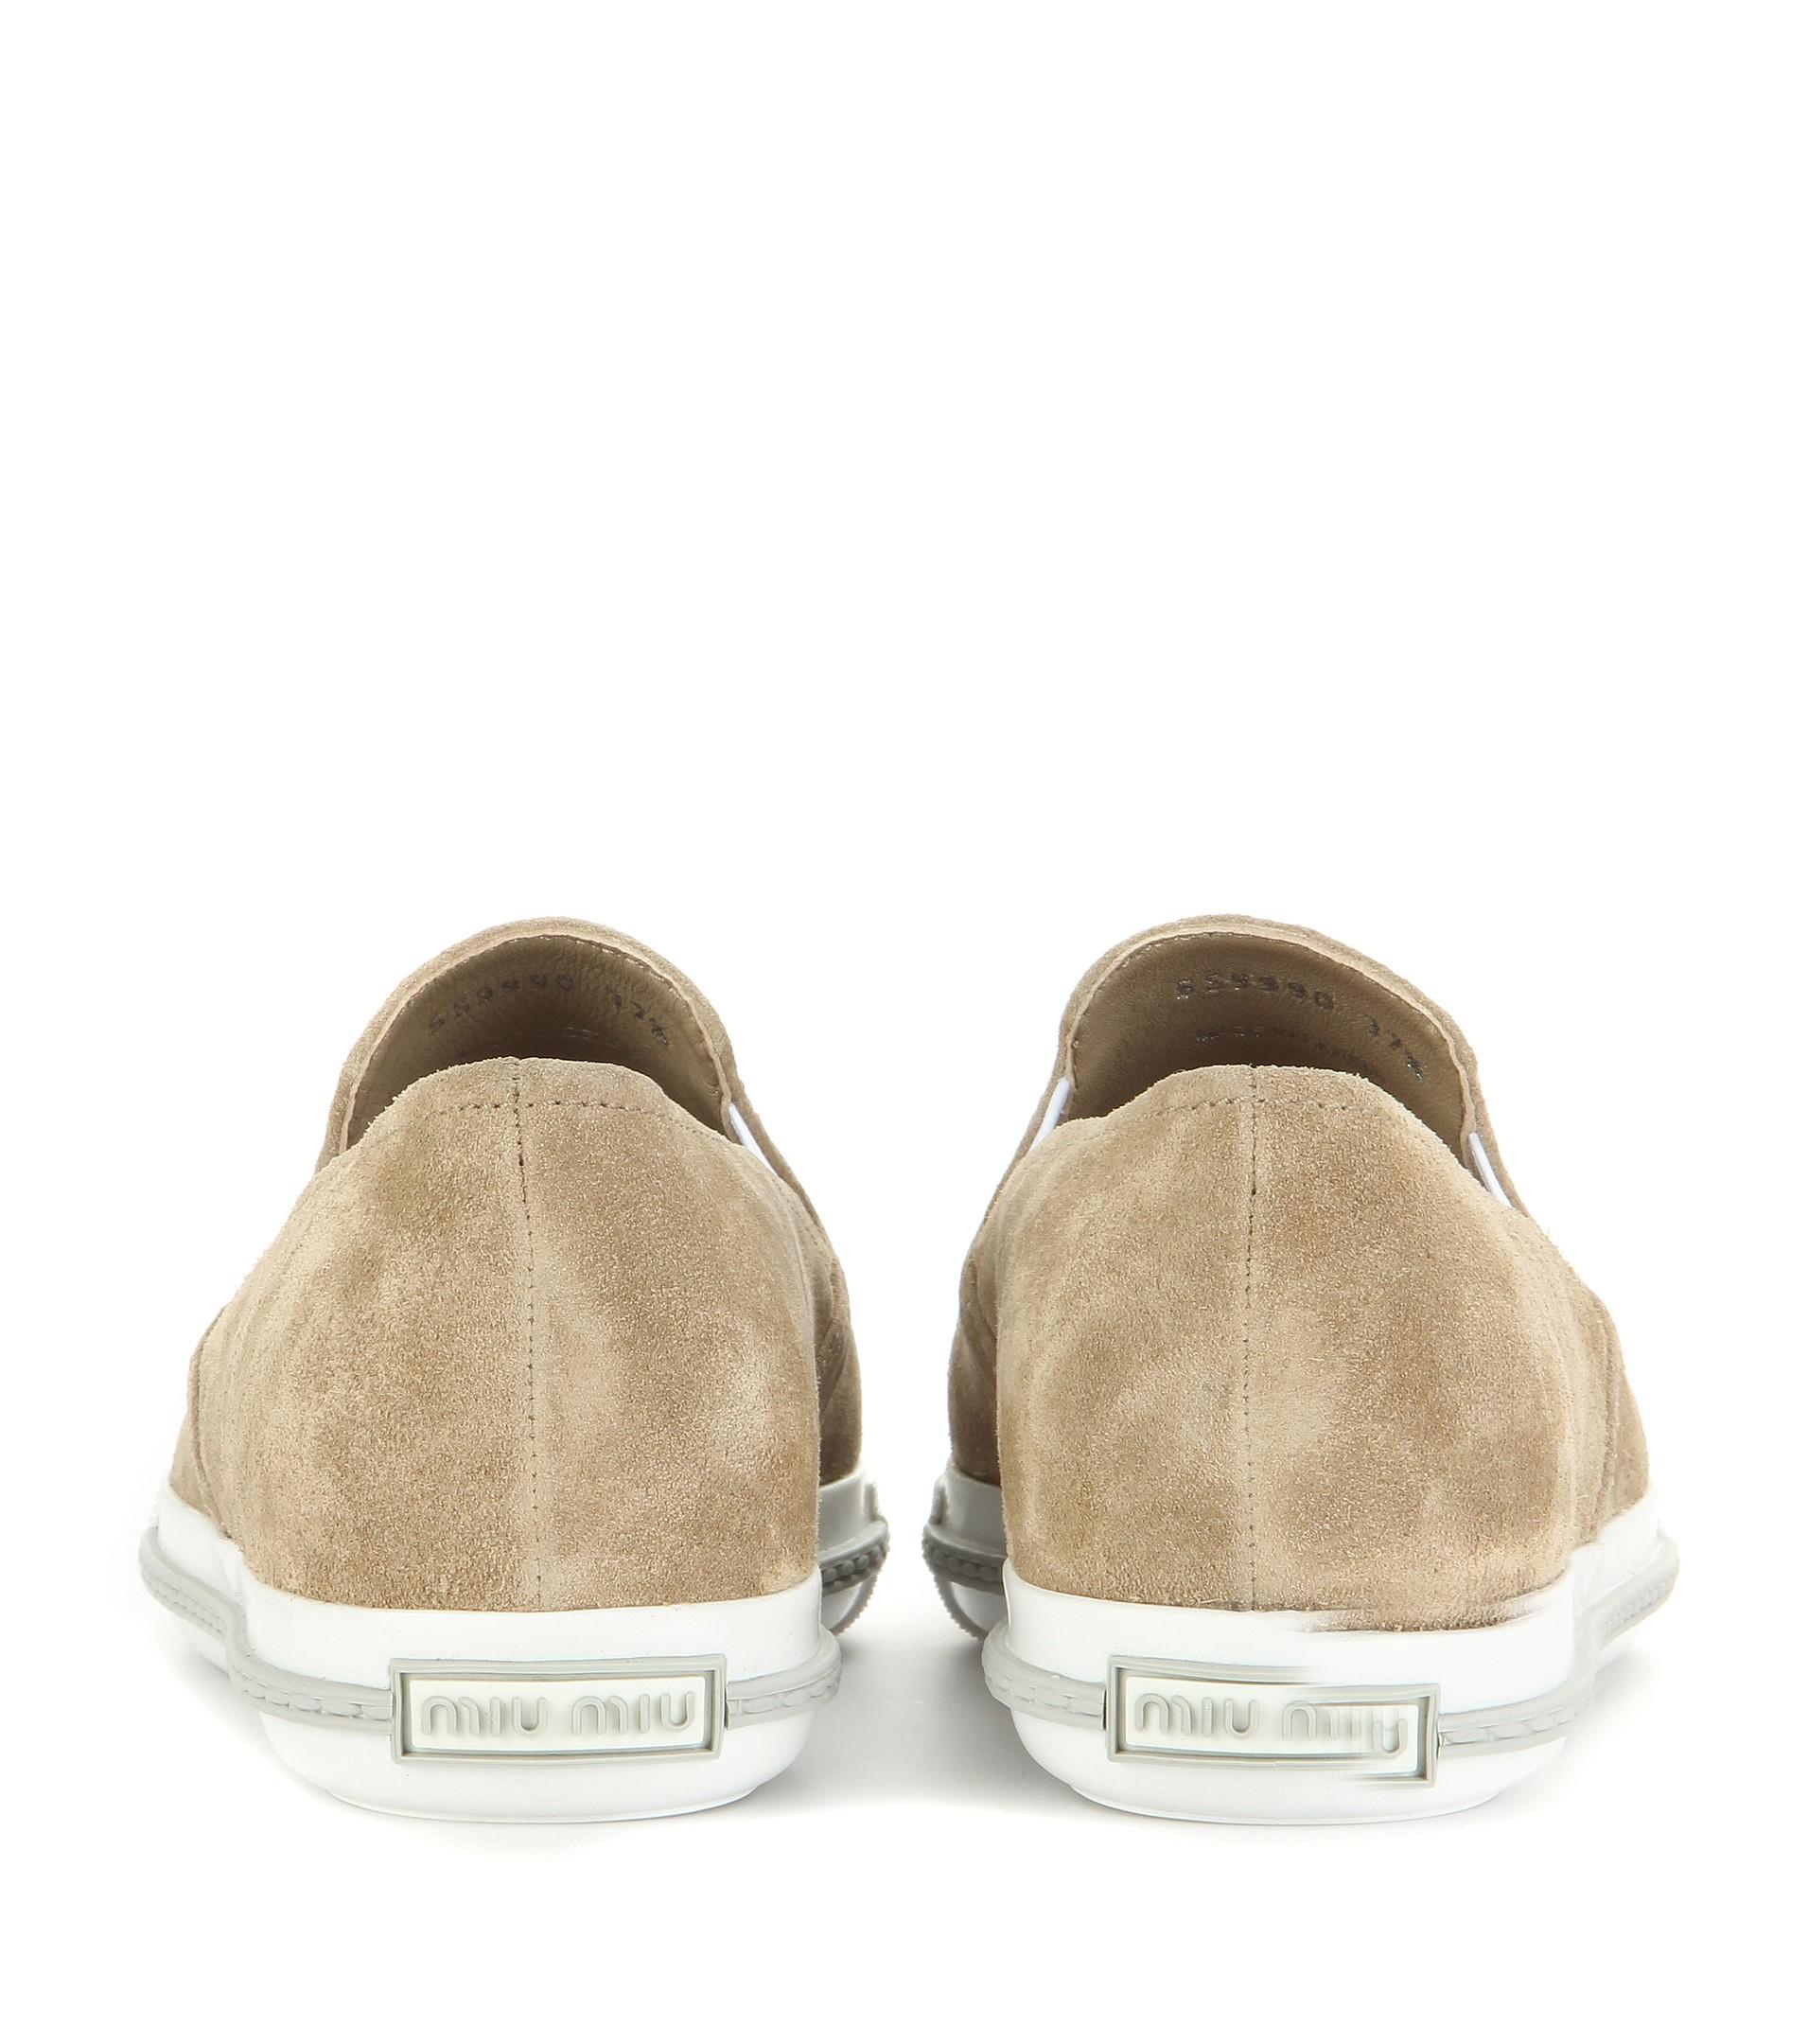 Miu Miu Embellished Suede Slip-on Sneakers in Natural